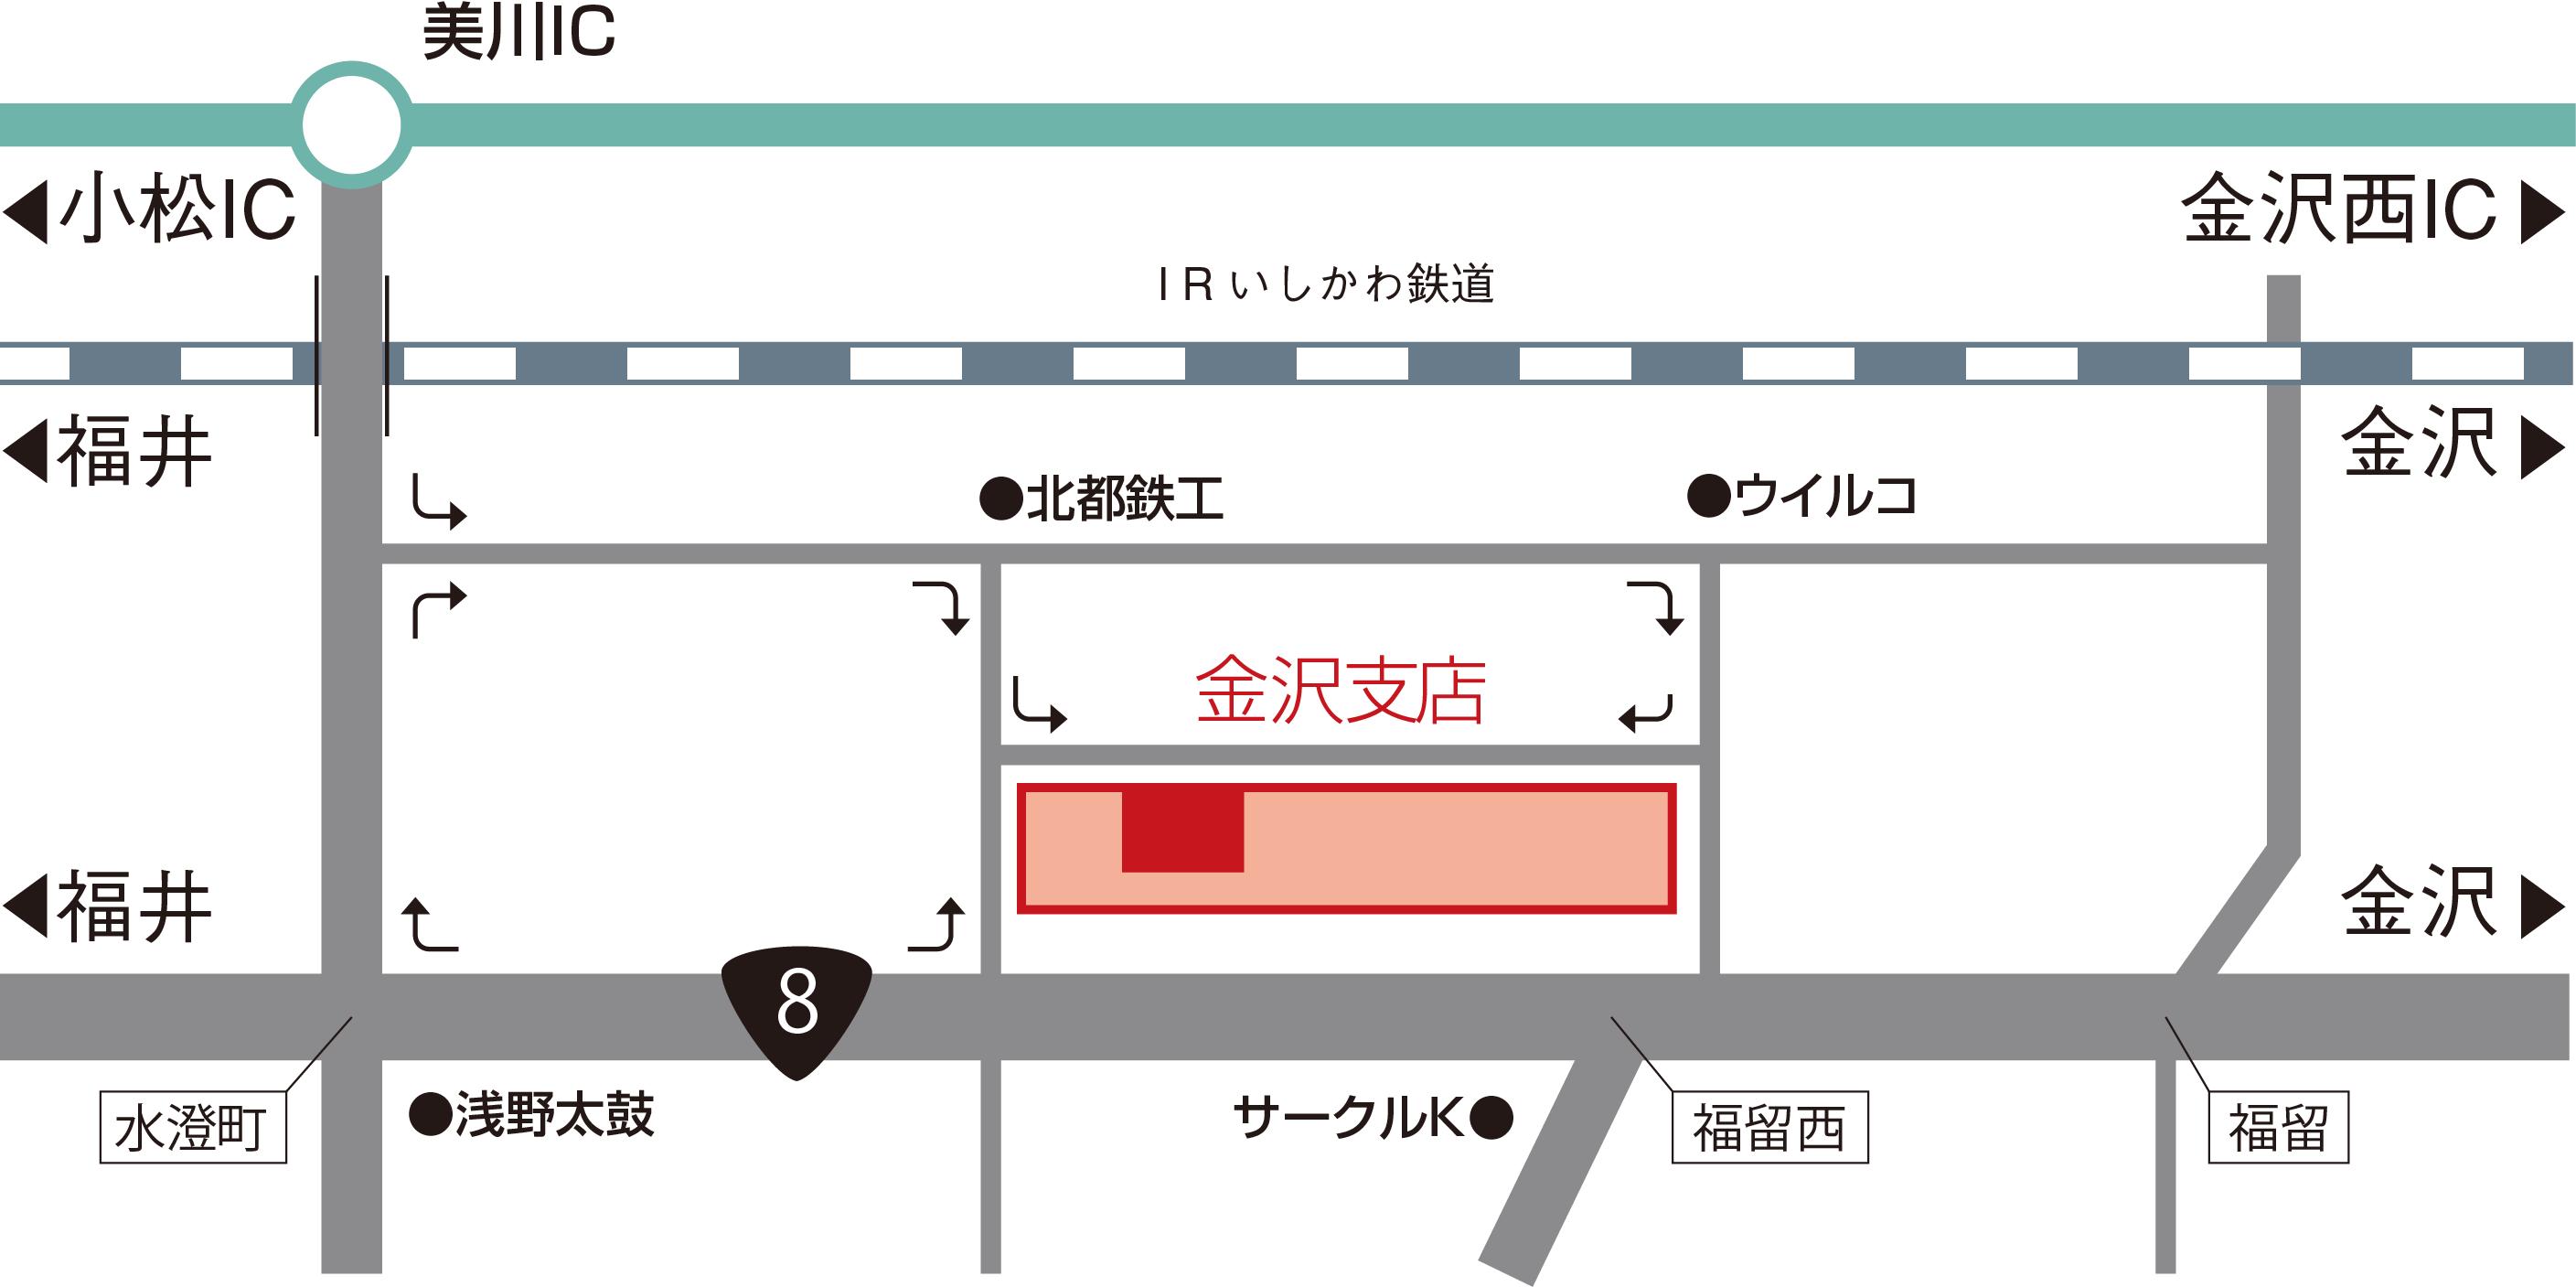 金沢ハリタマップ